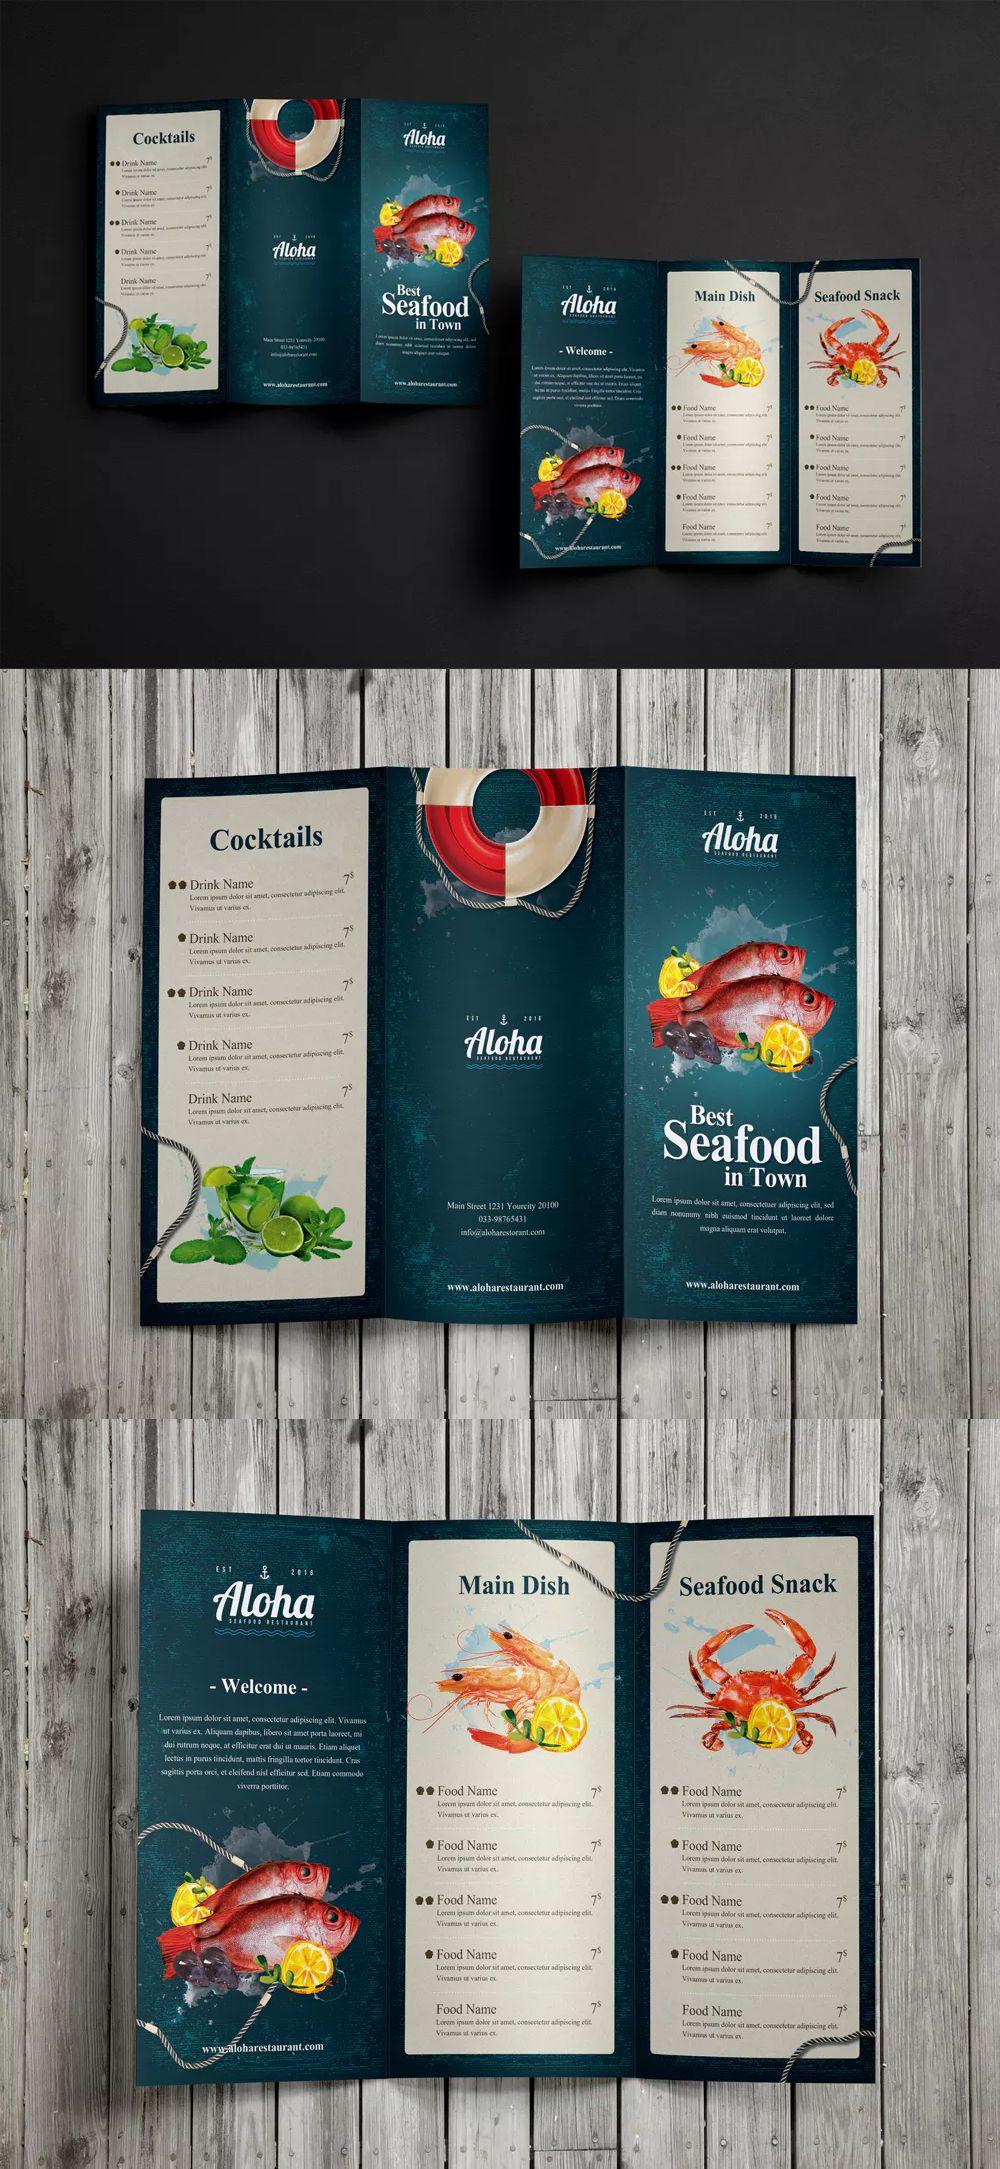 seafood menu 3 fold template psd food menu templates pinterest